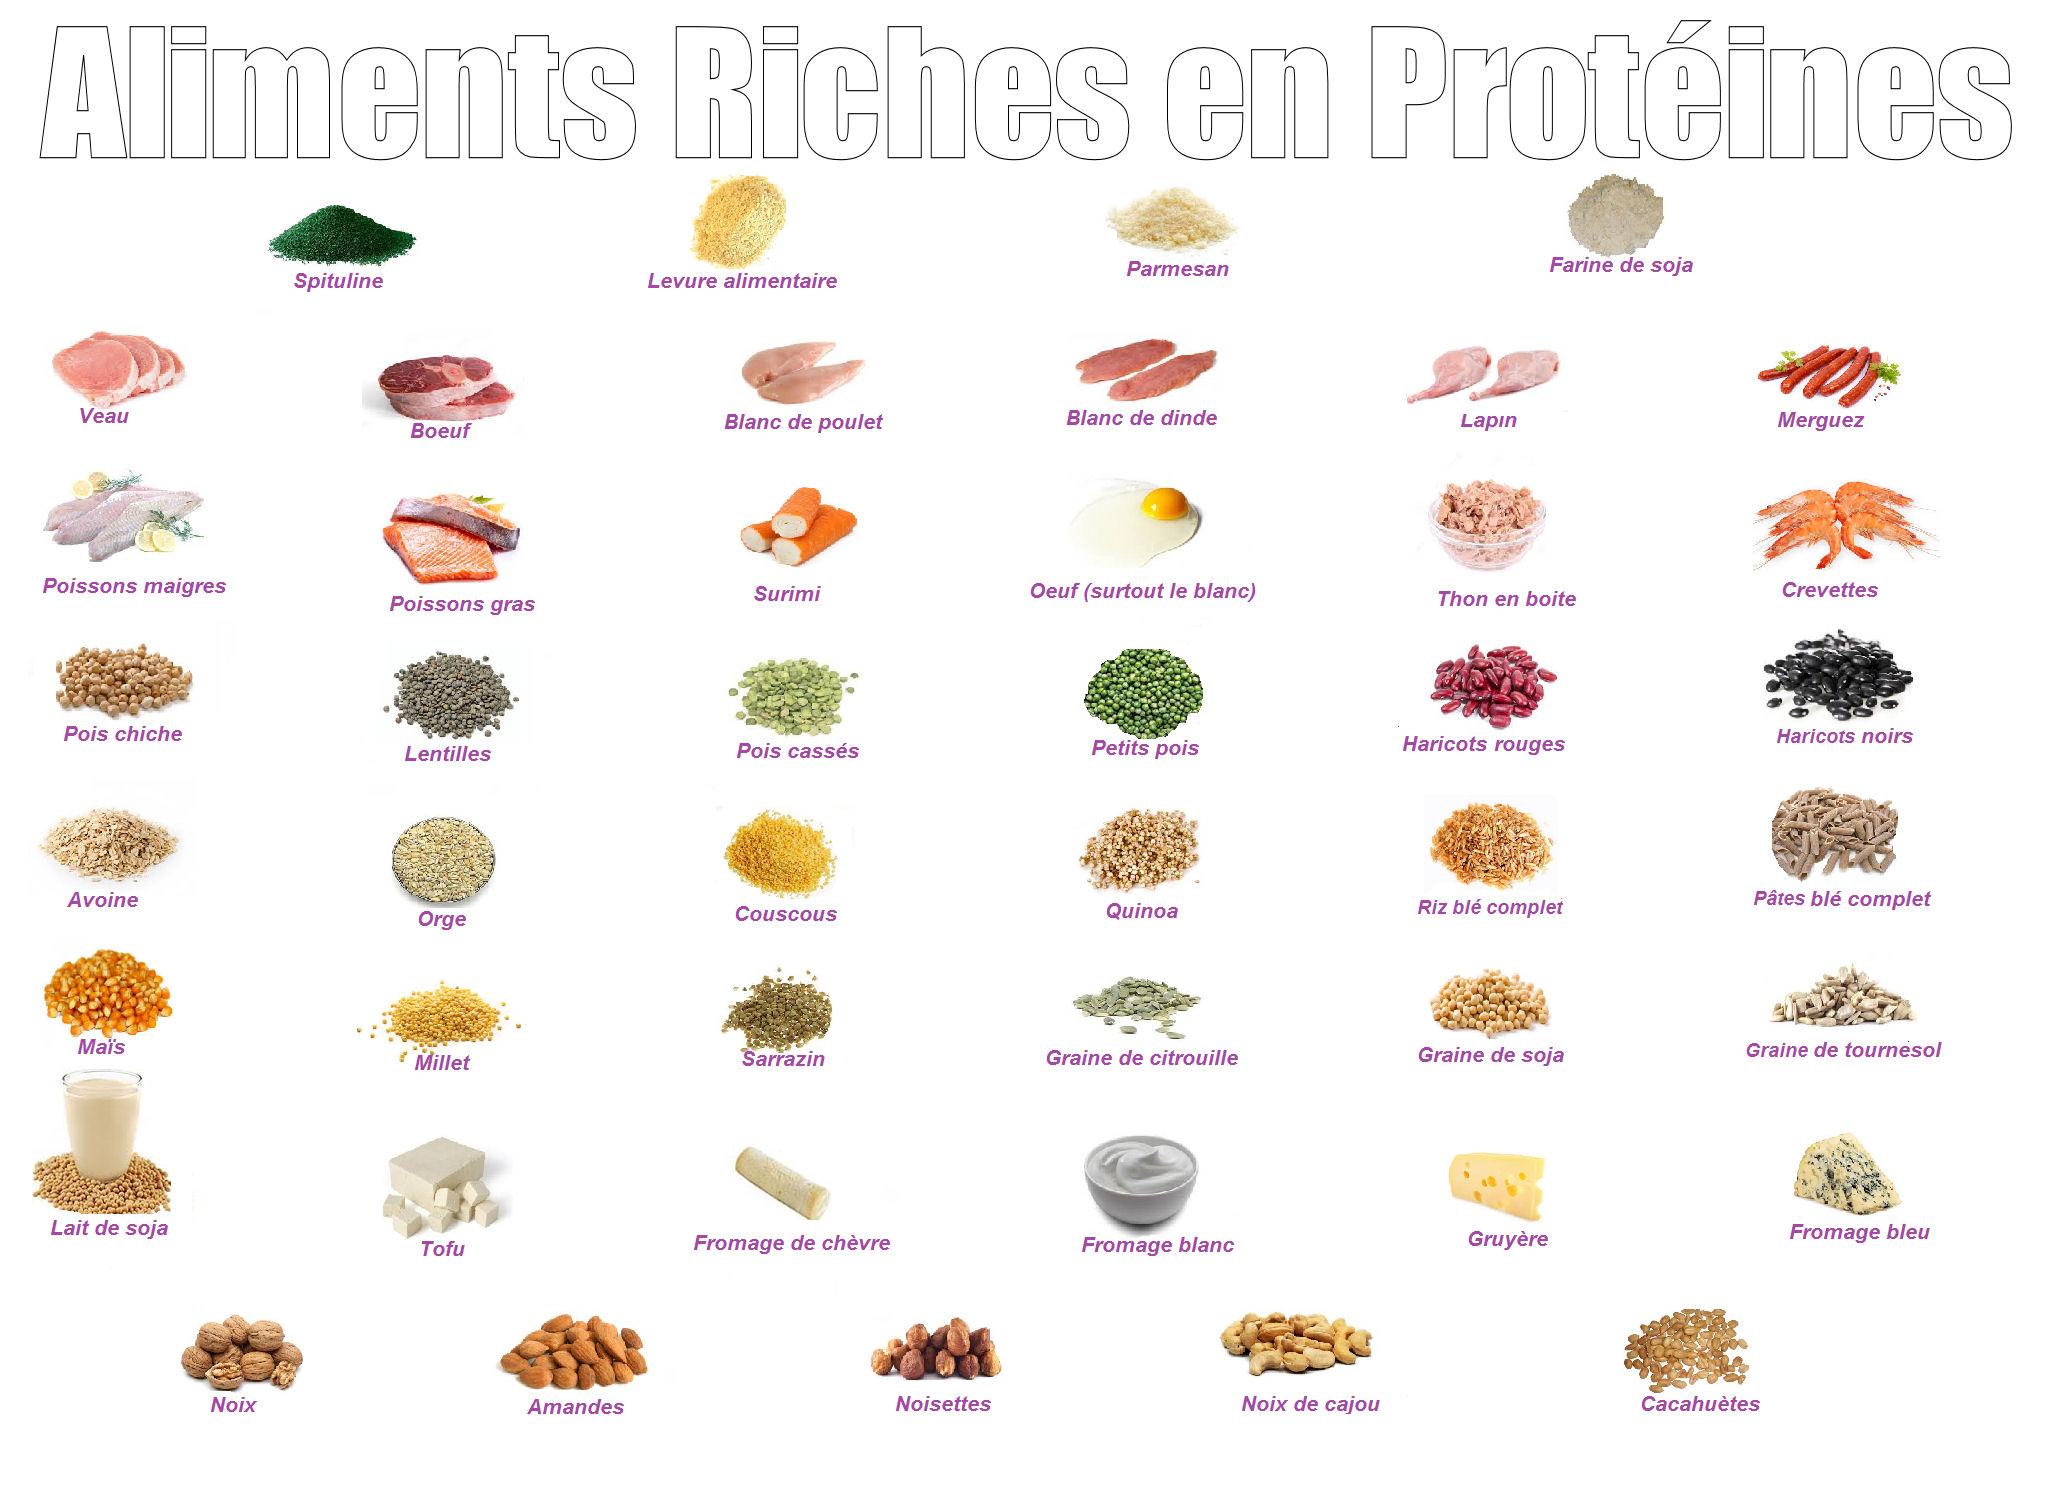 Aliments riches en protéine pour la prise de poids!